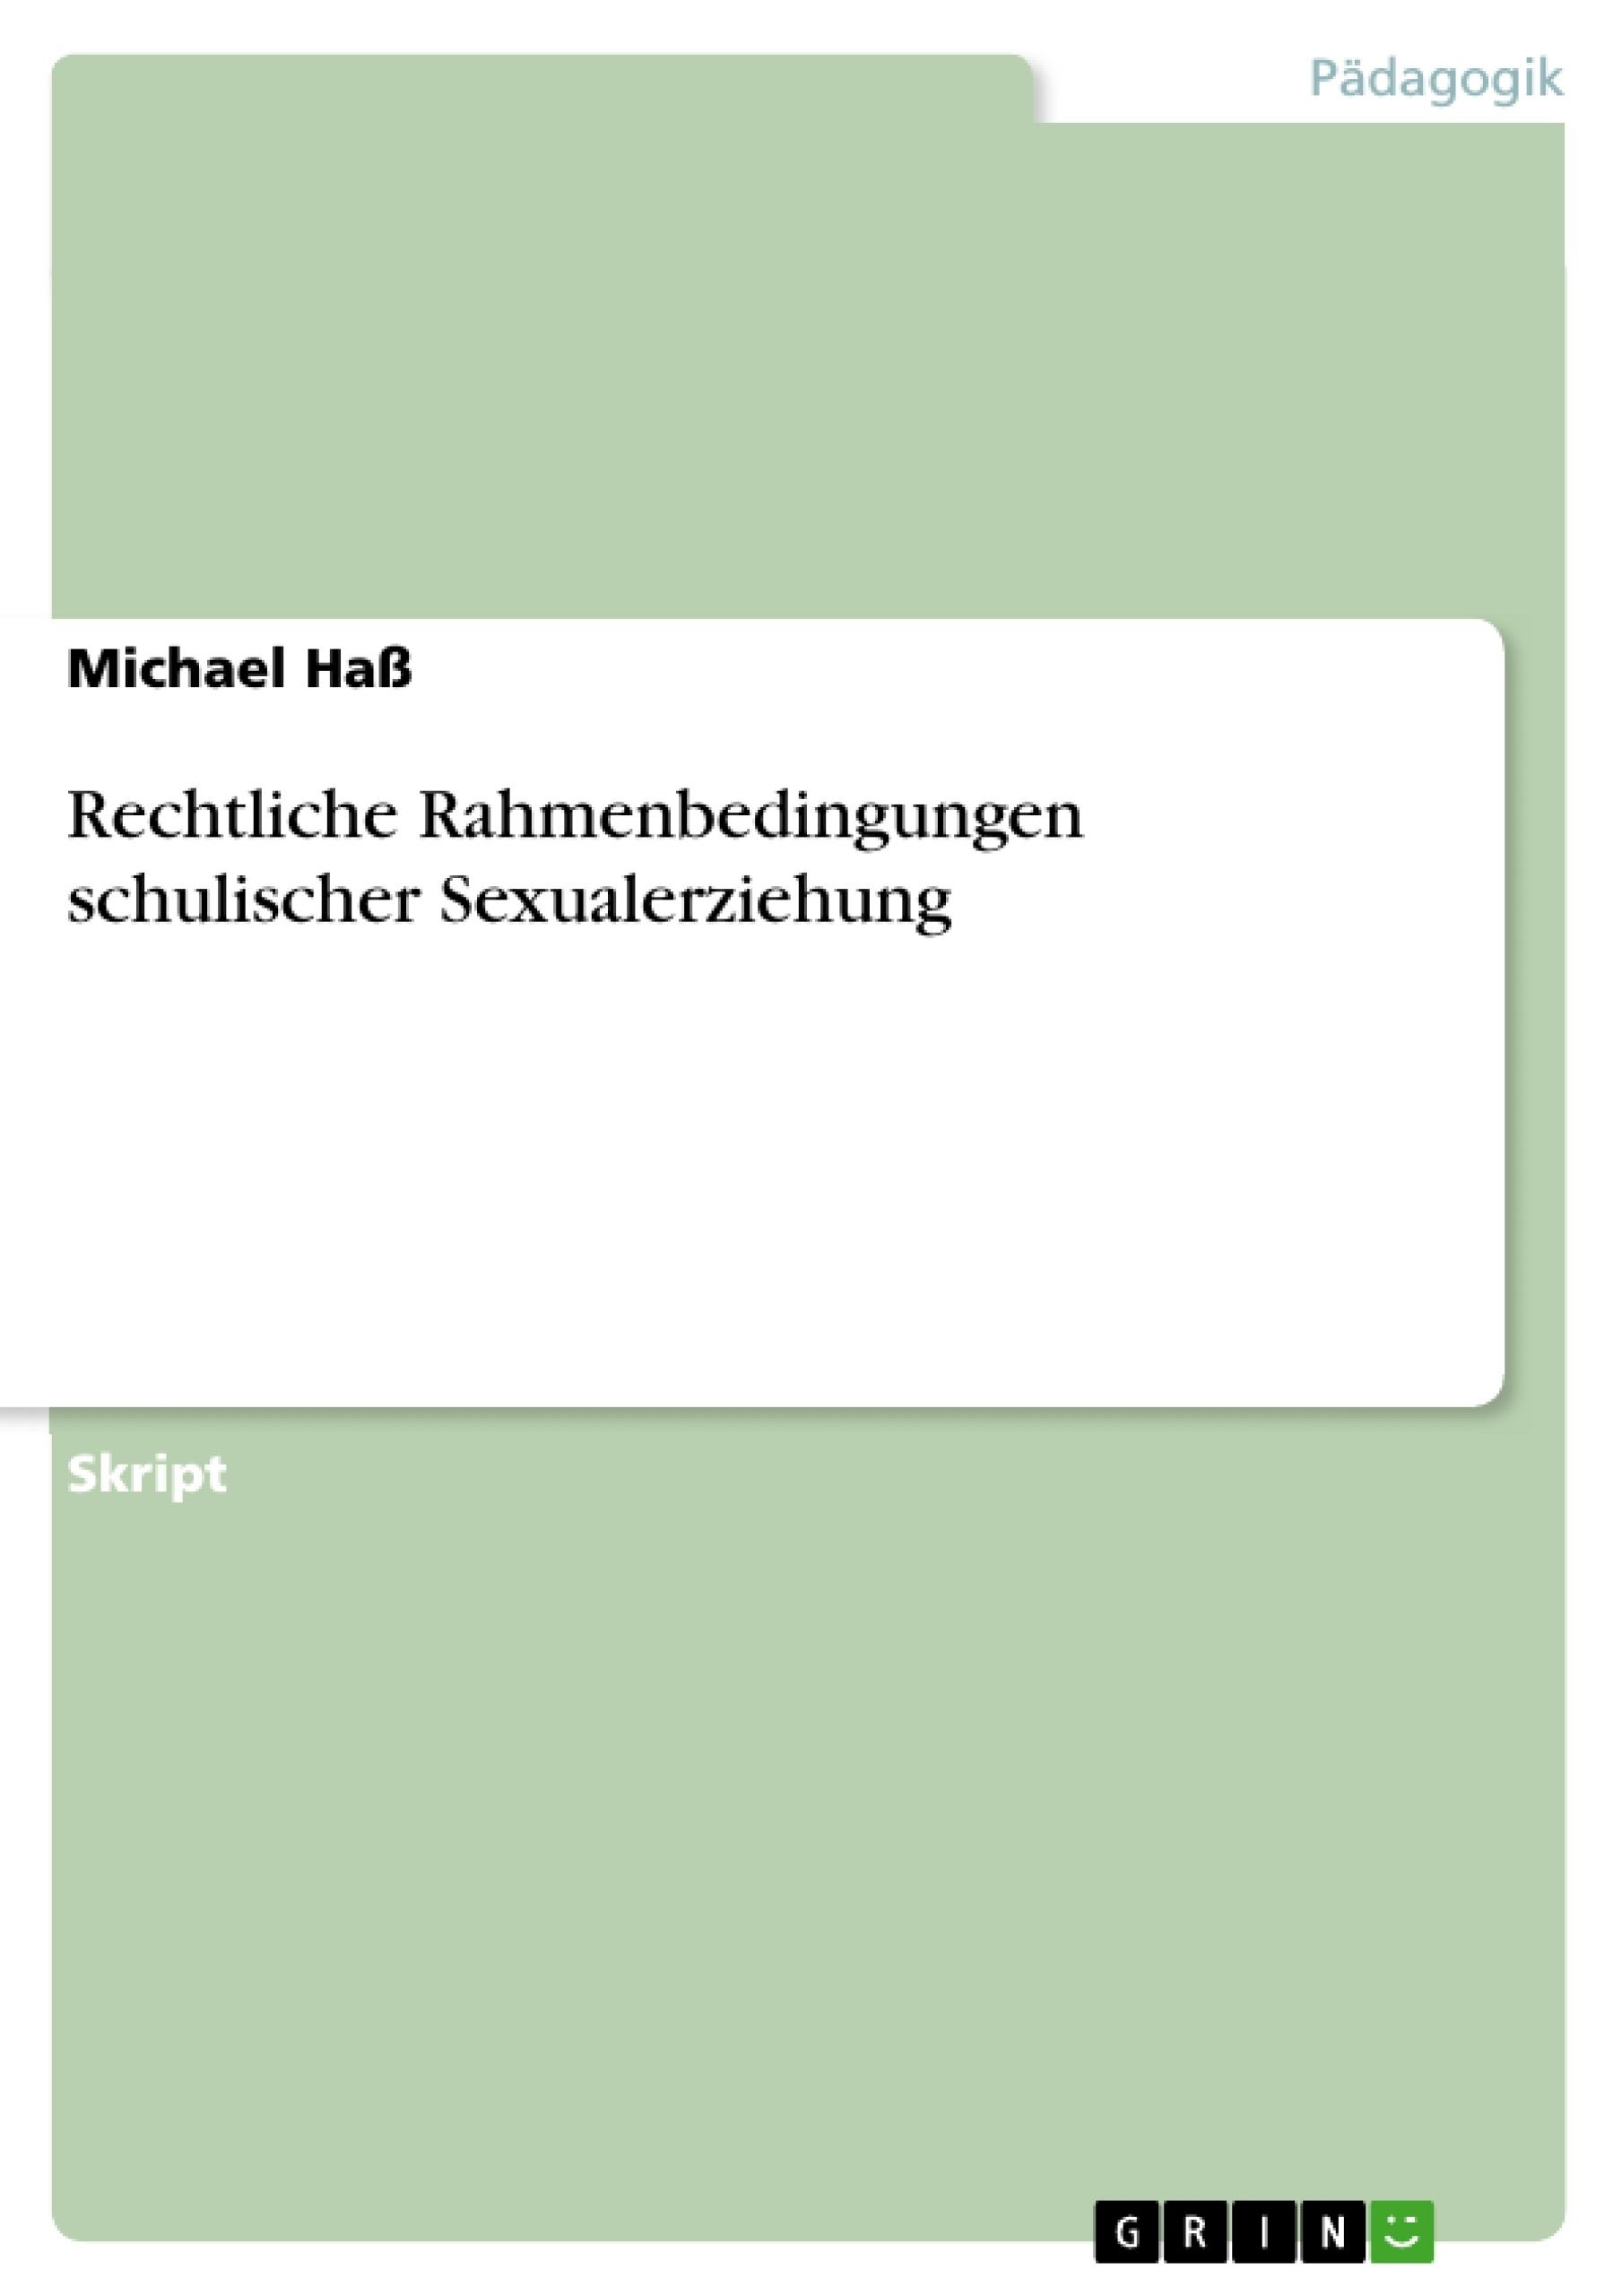 Titel: Rechtliche Rahmenbedingungen schulischer Sexualerziehung